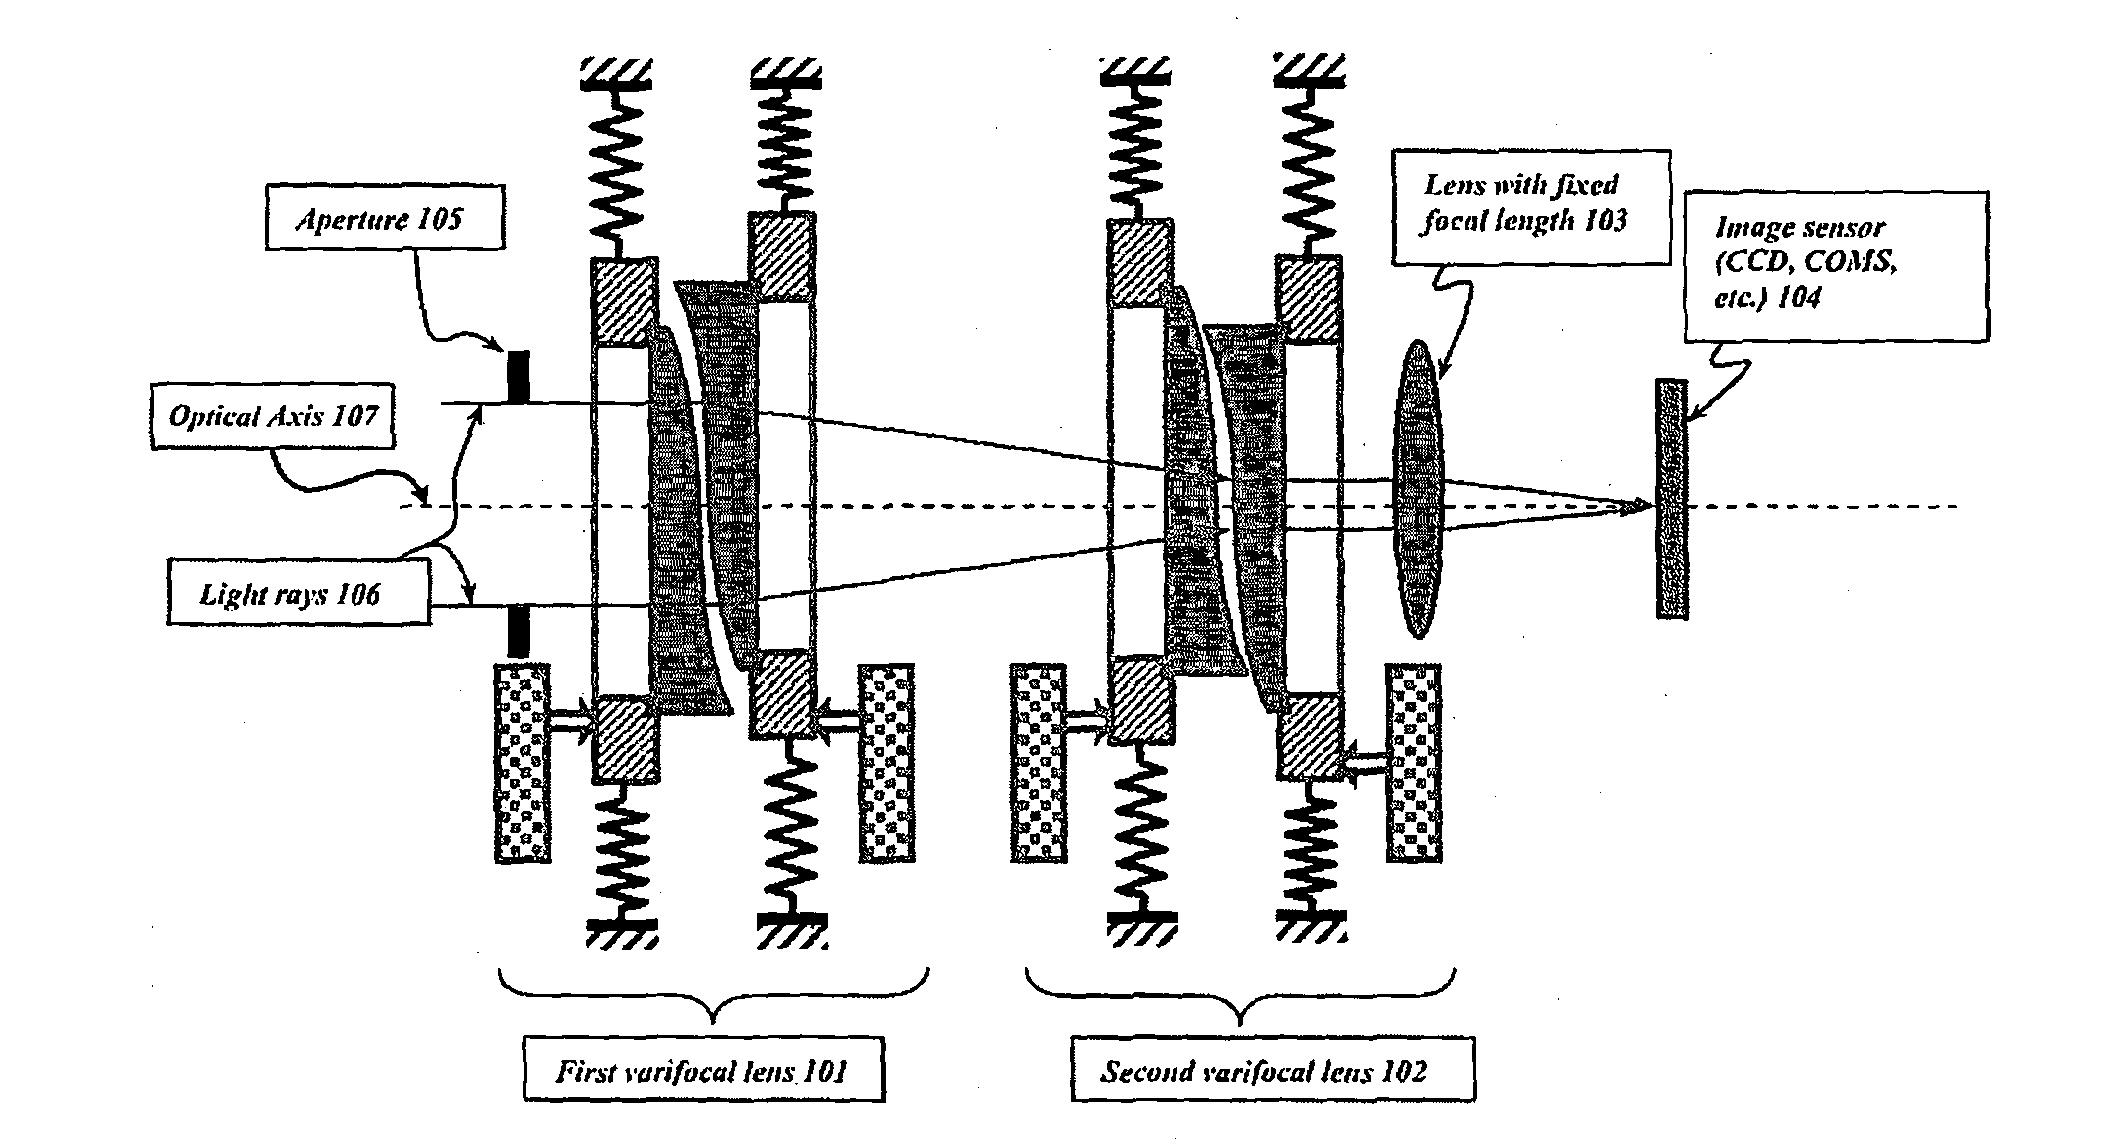 MEMS Alvarez Lens Patent